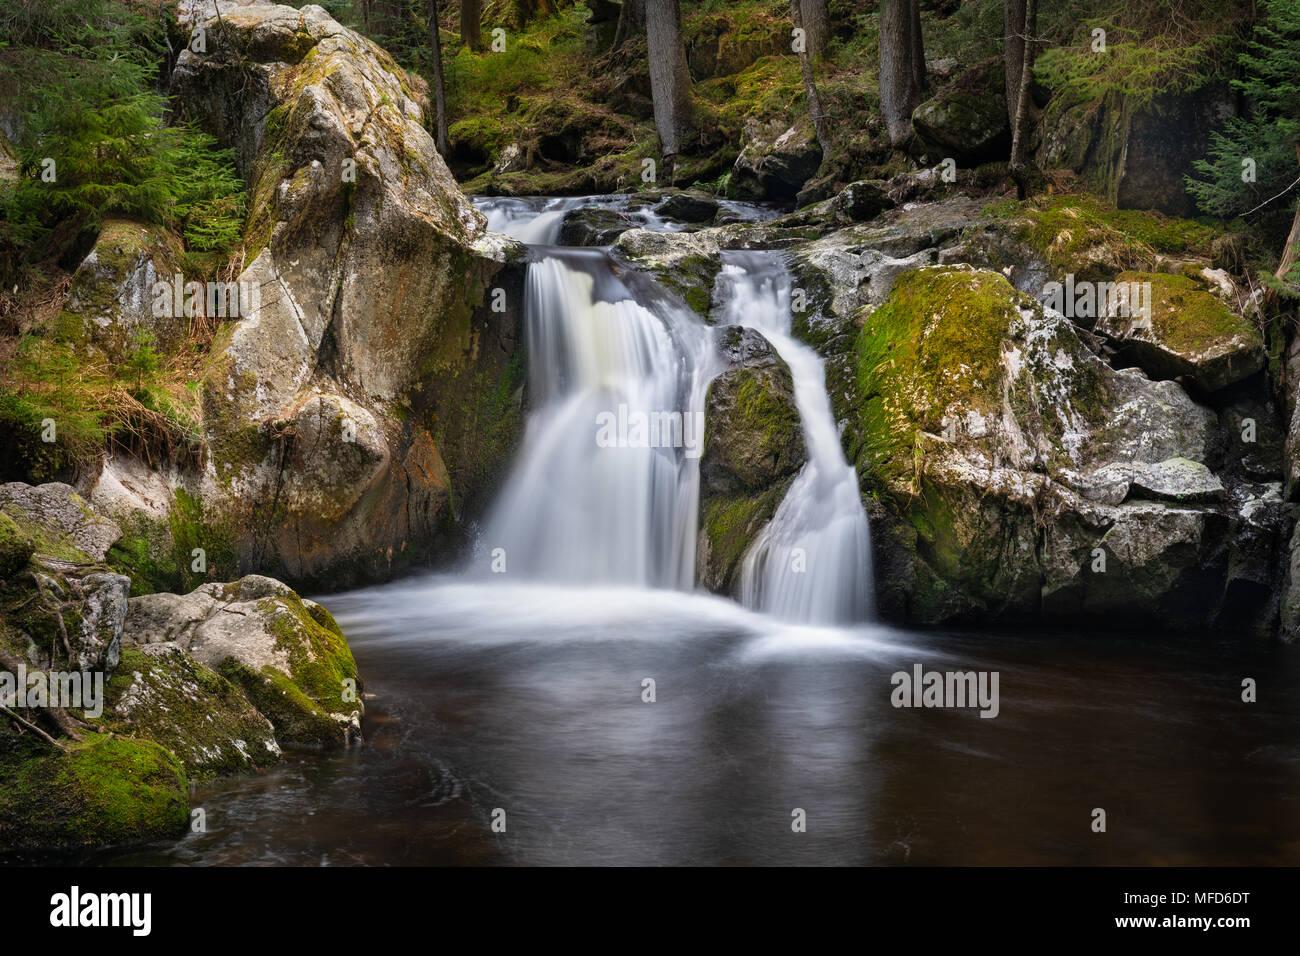 Krai Woog Gumpen Waterfall in Black Forest, Germany Stock Photo